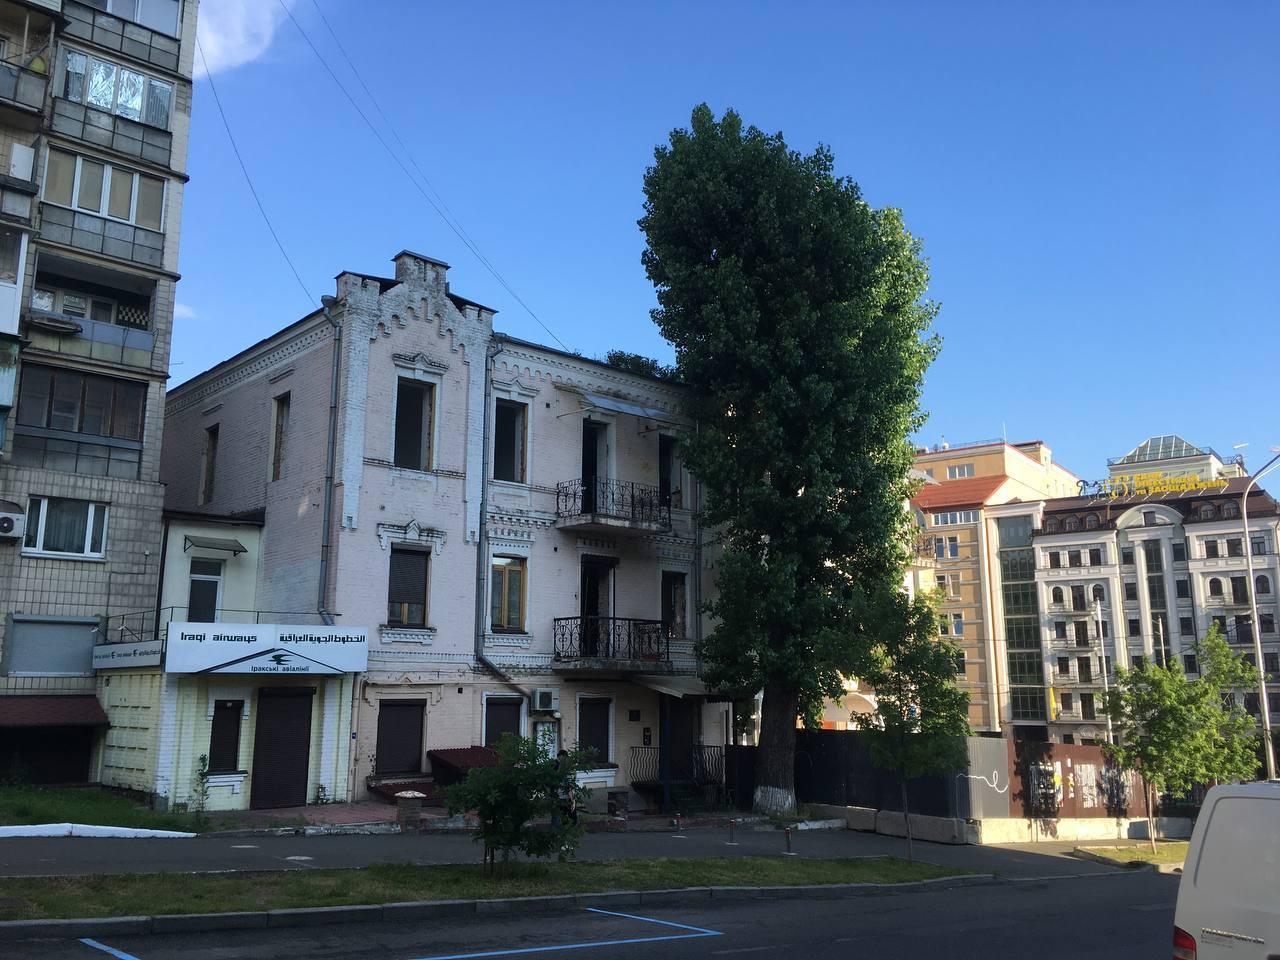 Архітектура Києва знову під загрозою: розбирають будівлю XIX століття з унікальною ліпниною всередині